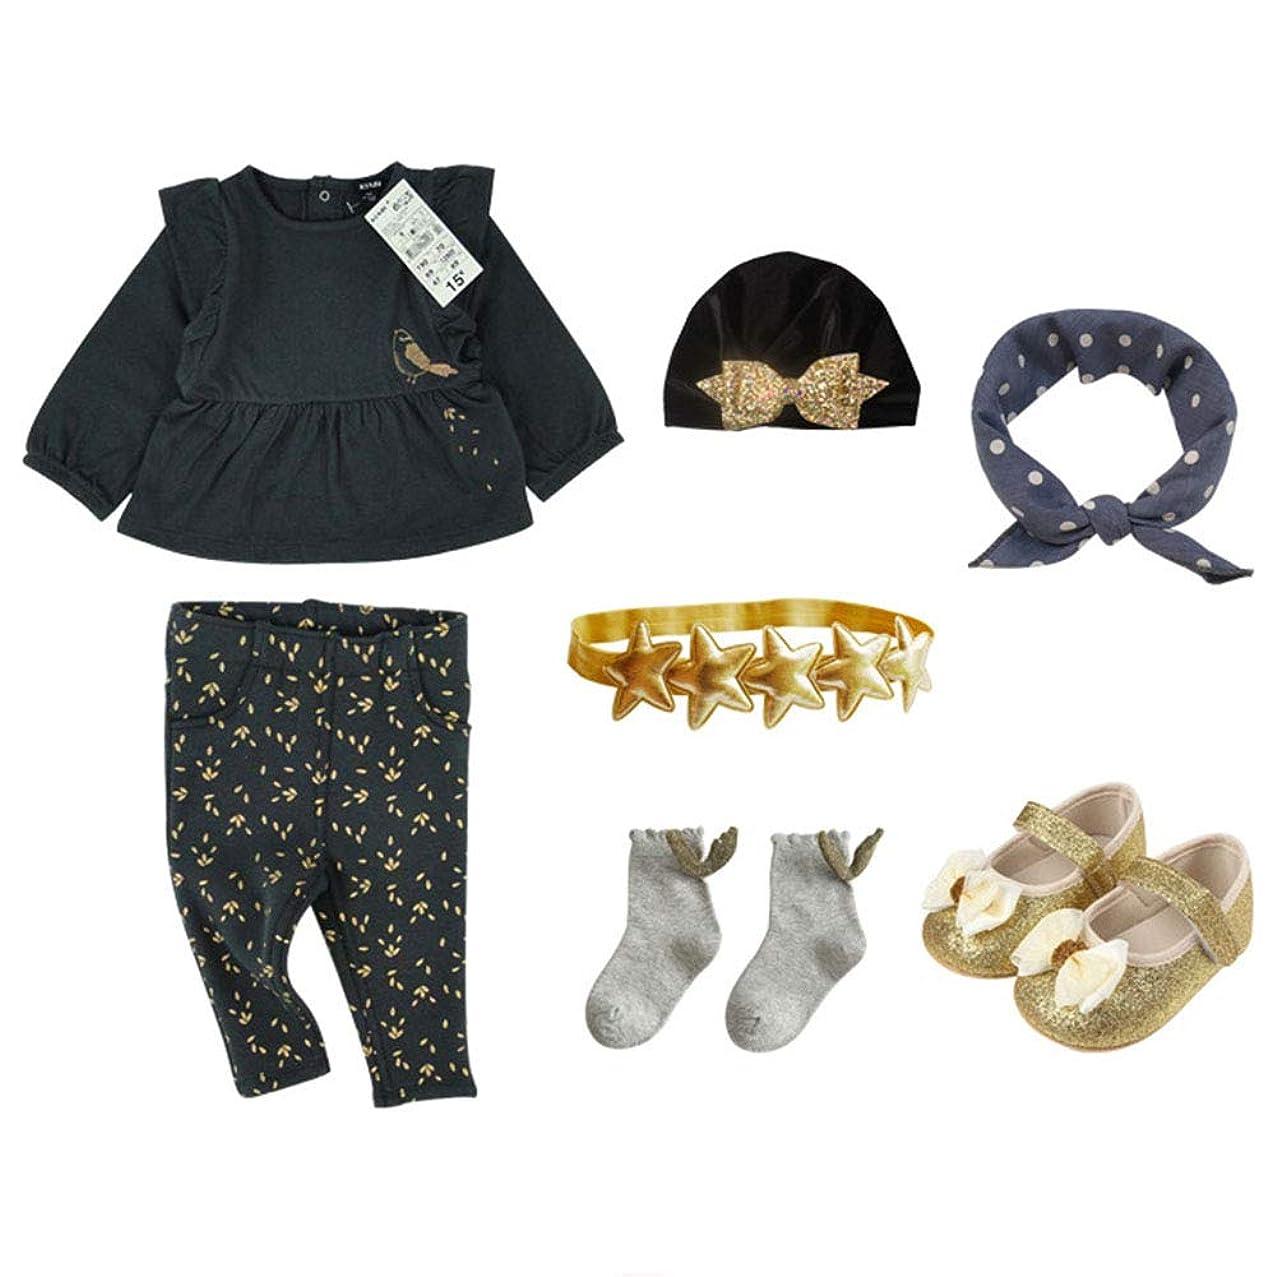 ロックラショナルアセンブリ新生児の満月の赤ちゃん用ギフトボックス、ケーキの贈り物、赤ちゃんの春と秋の服装、ヘアアクセサリー、黒、女性